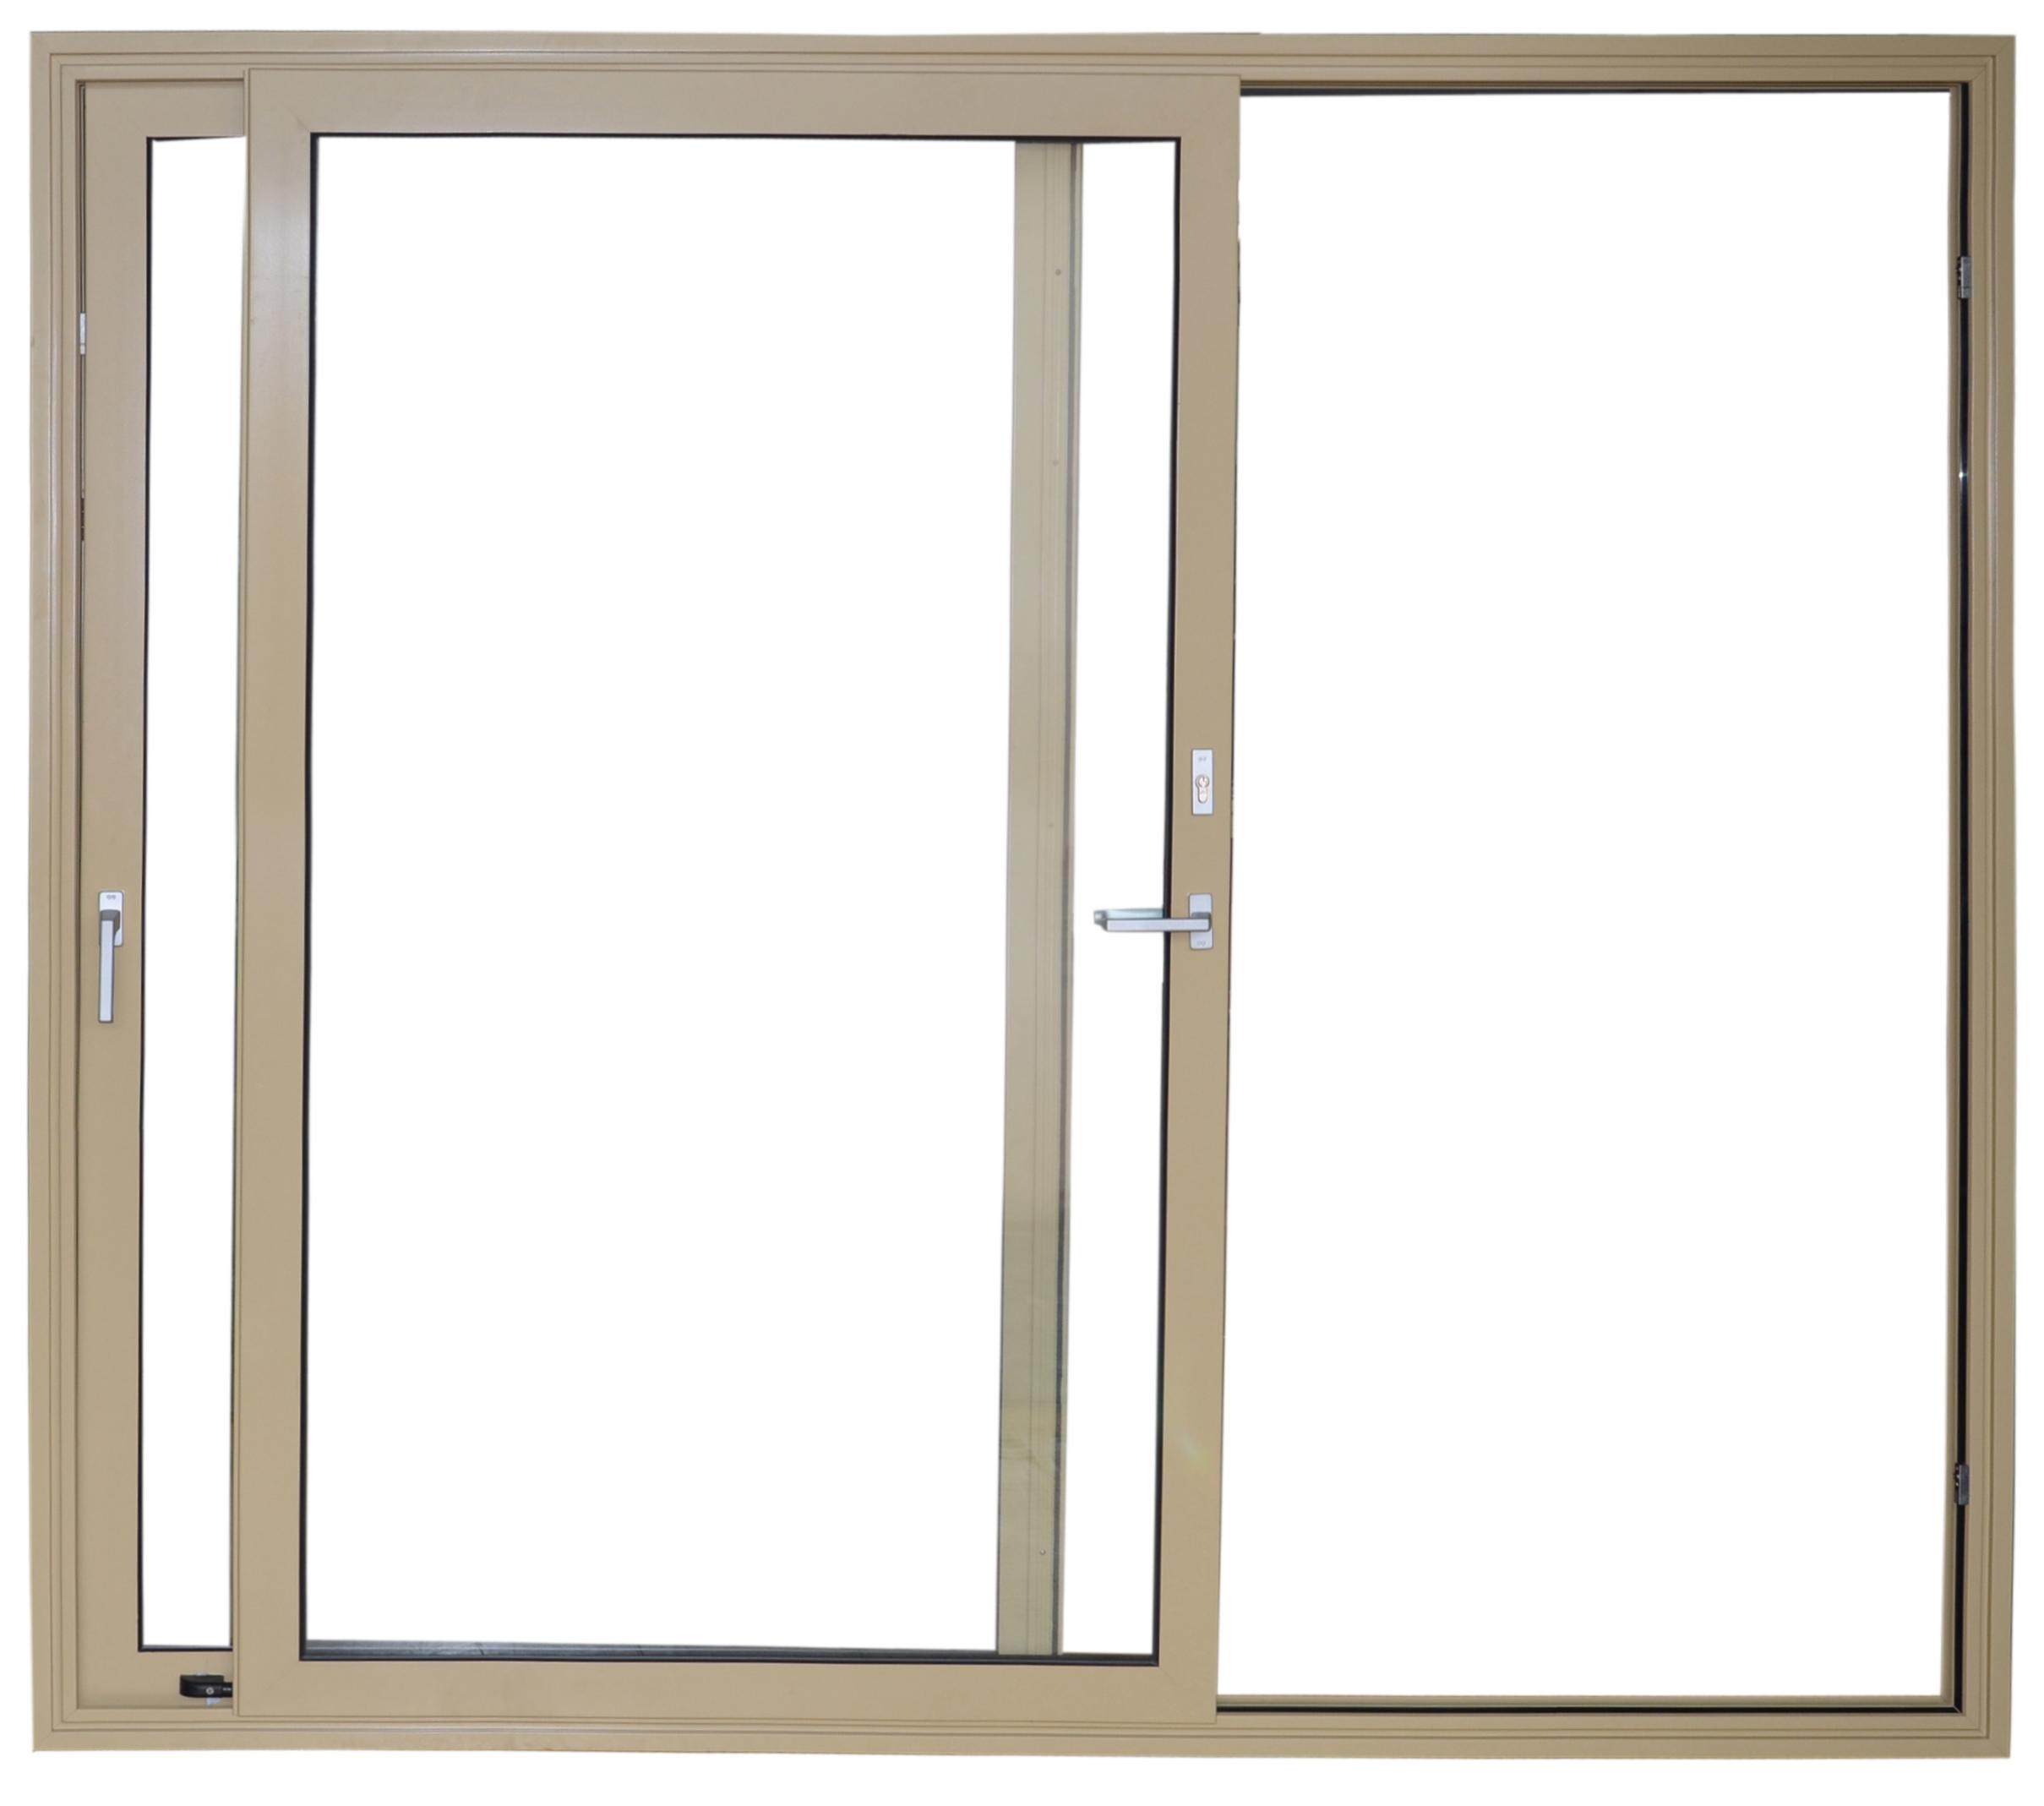 China Screen Doors Sliding Glass Doors, China Screen Doors